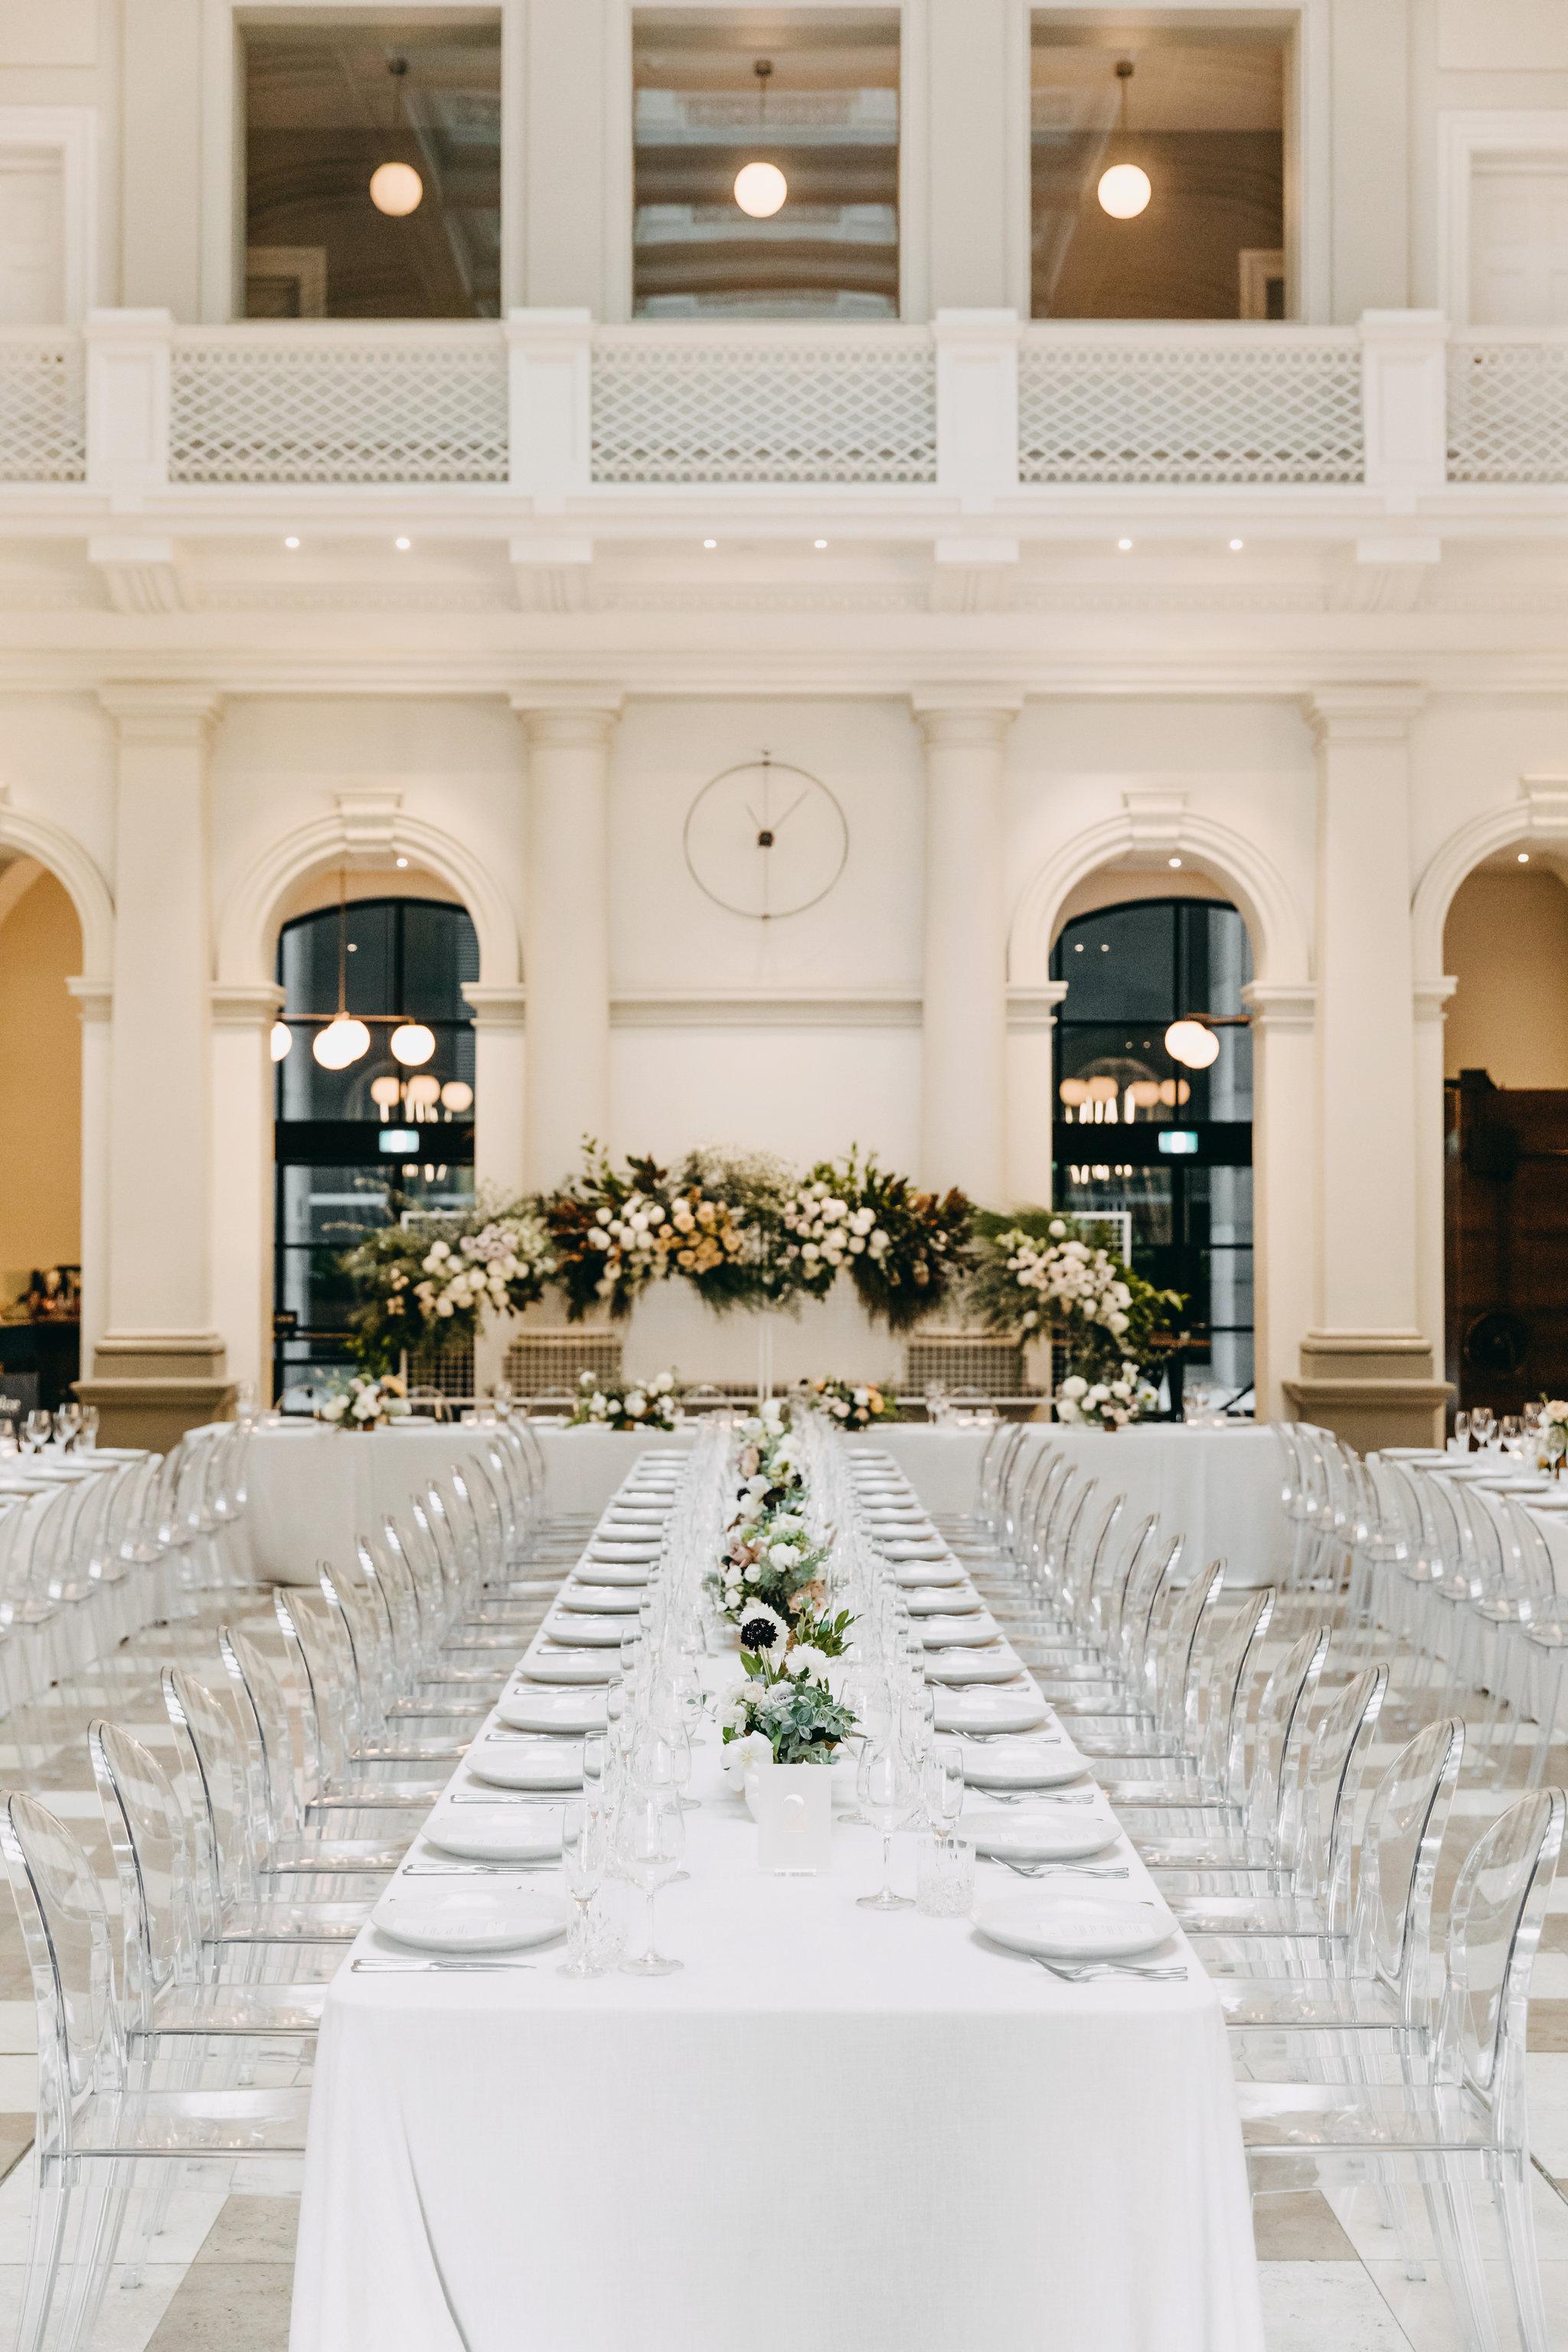 WEDDINGOPENDAY-STATEBUILDINGS-APR2018-46